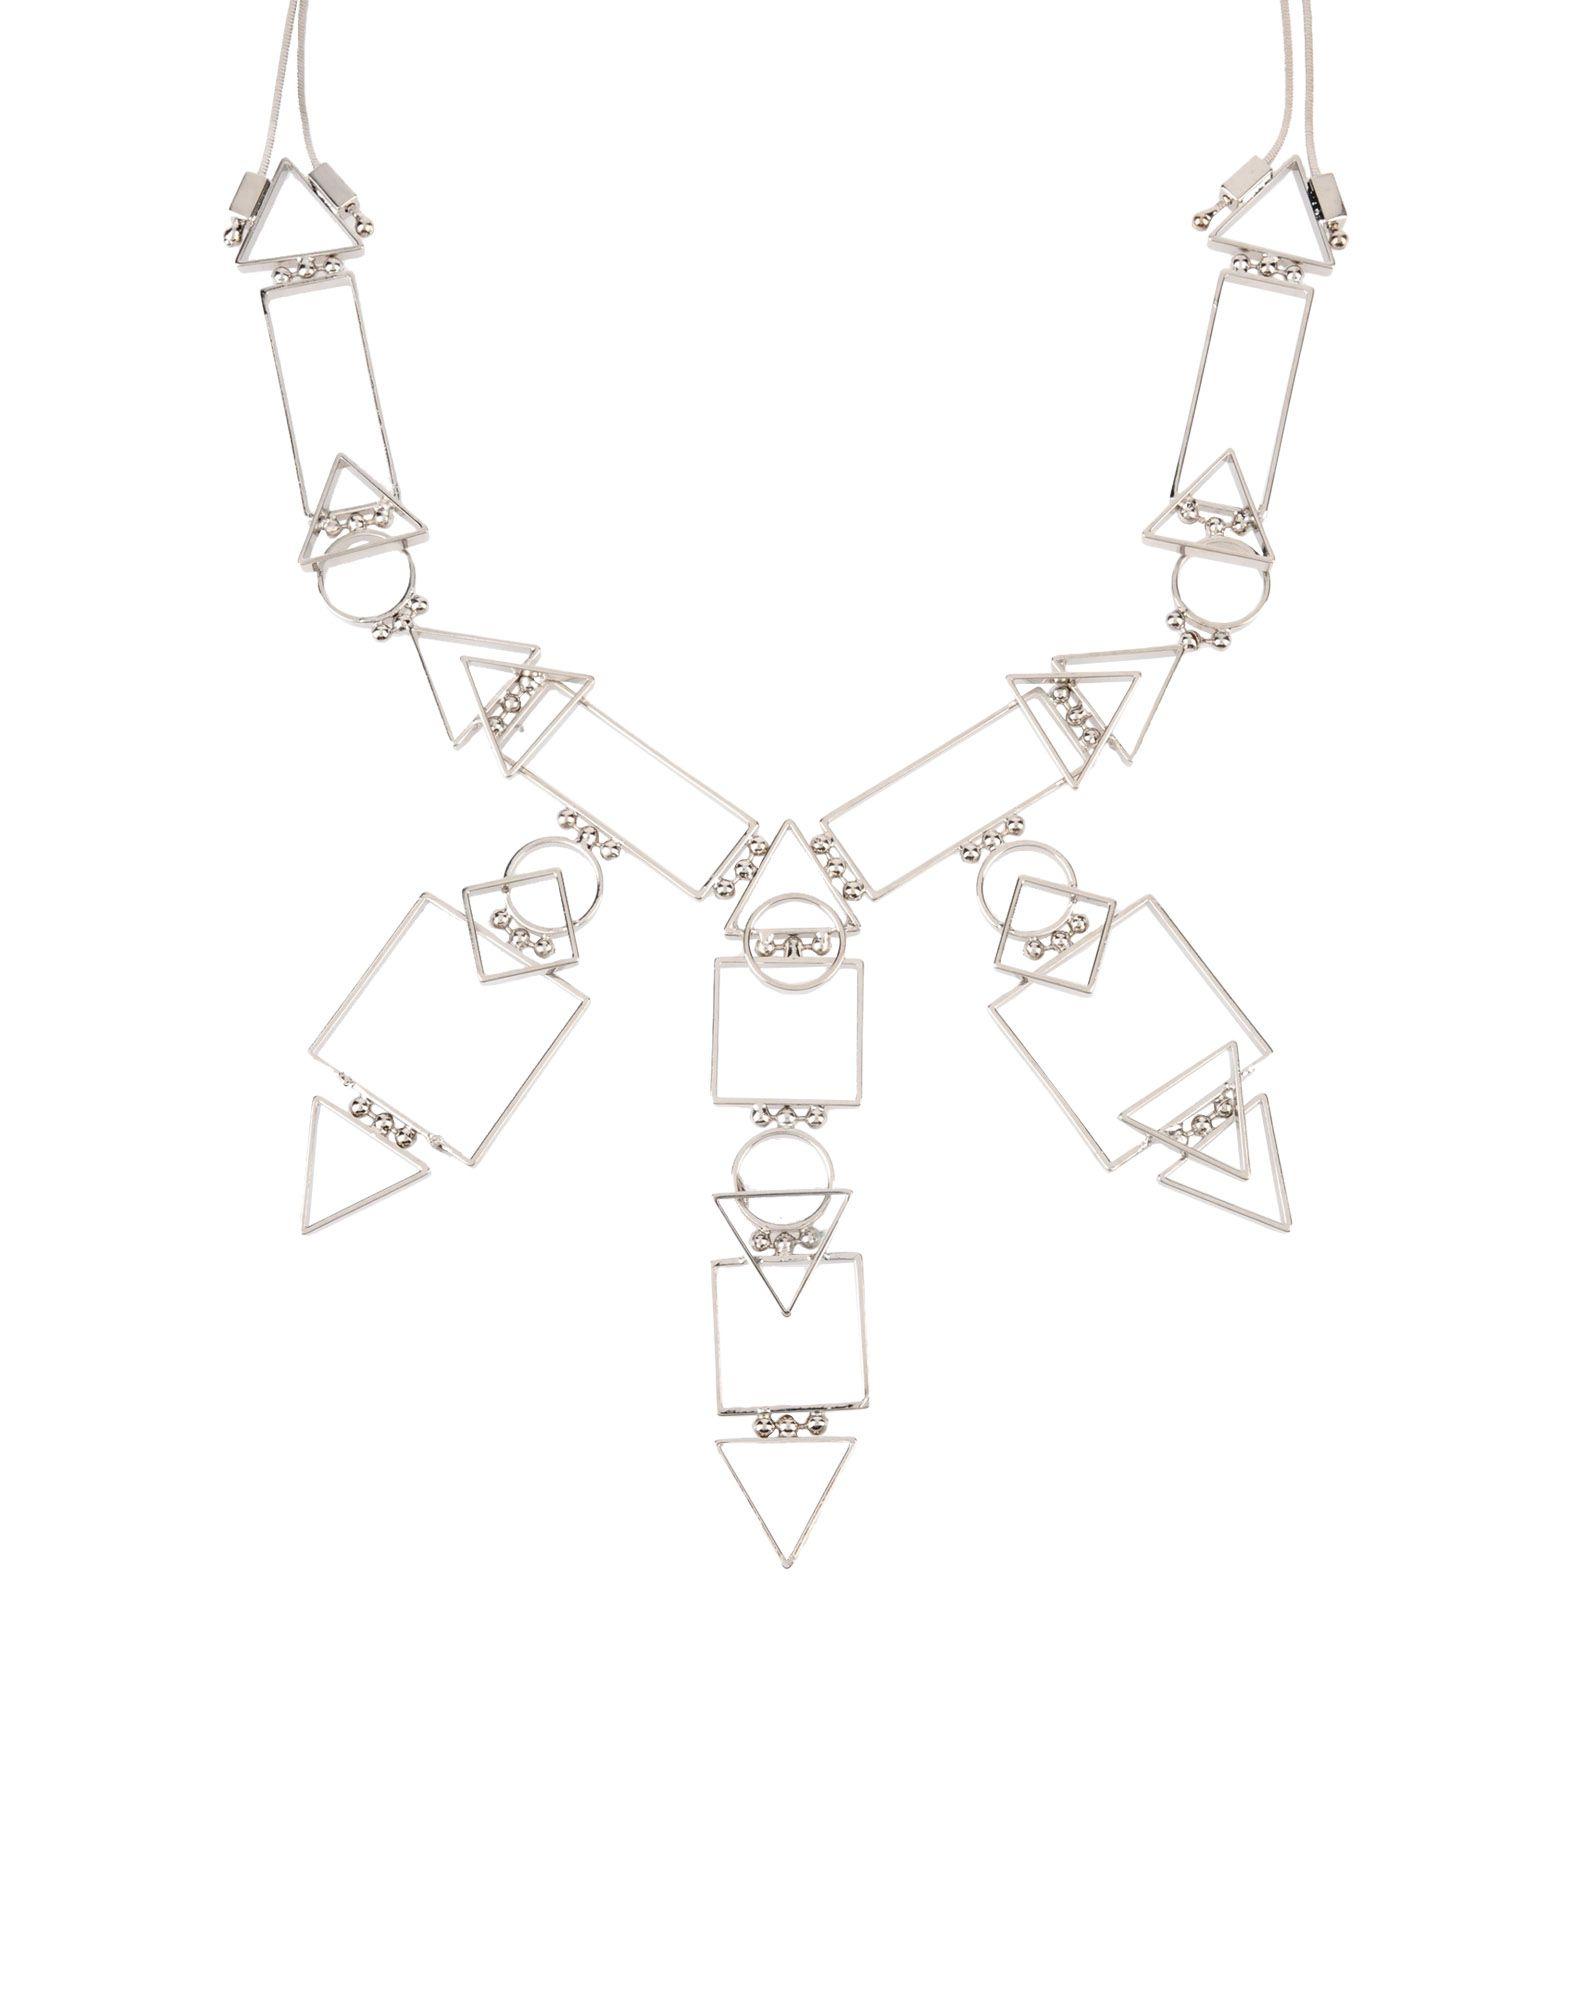 Nanni JEWELRY - Necklaces su YOOX.COM BLVnG